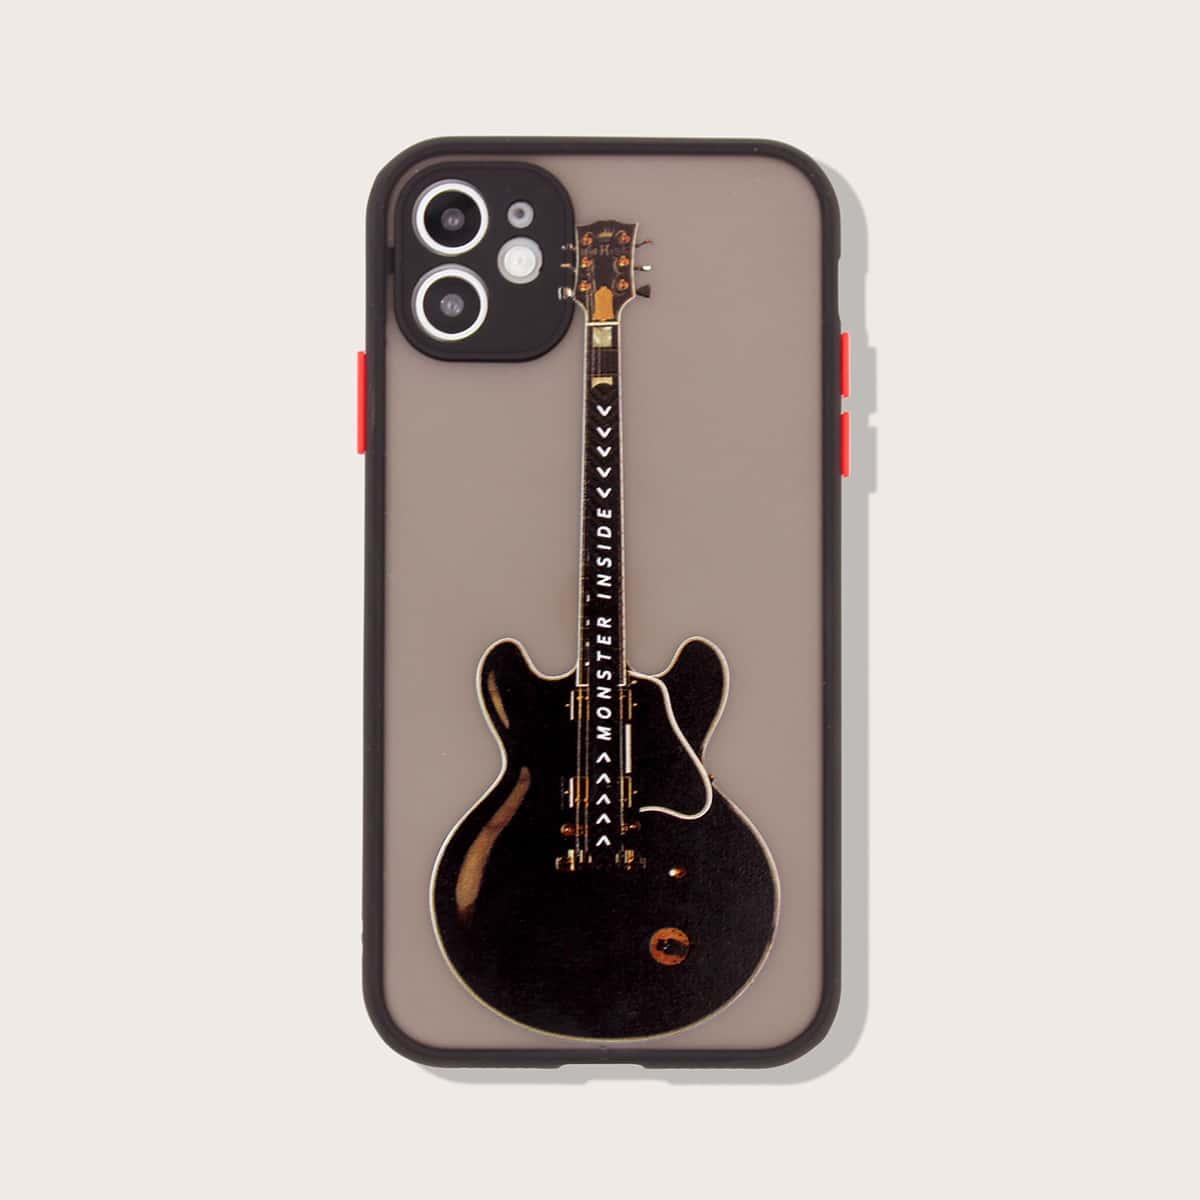 iPhone Etui mit Gitarre Muster und Kontrast Rahmen